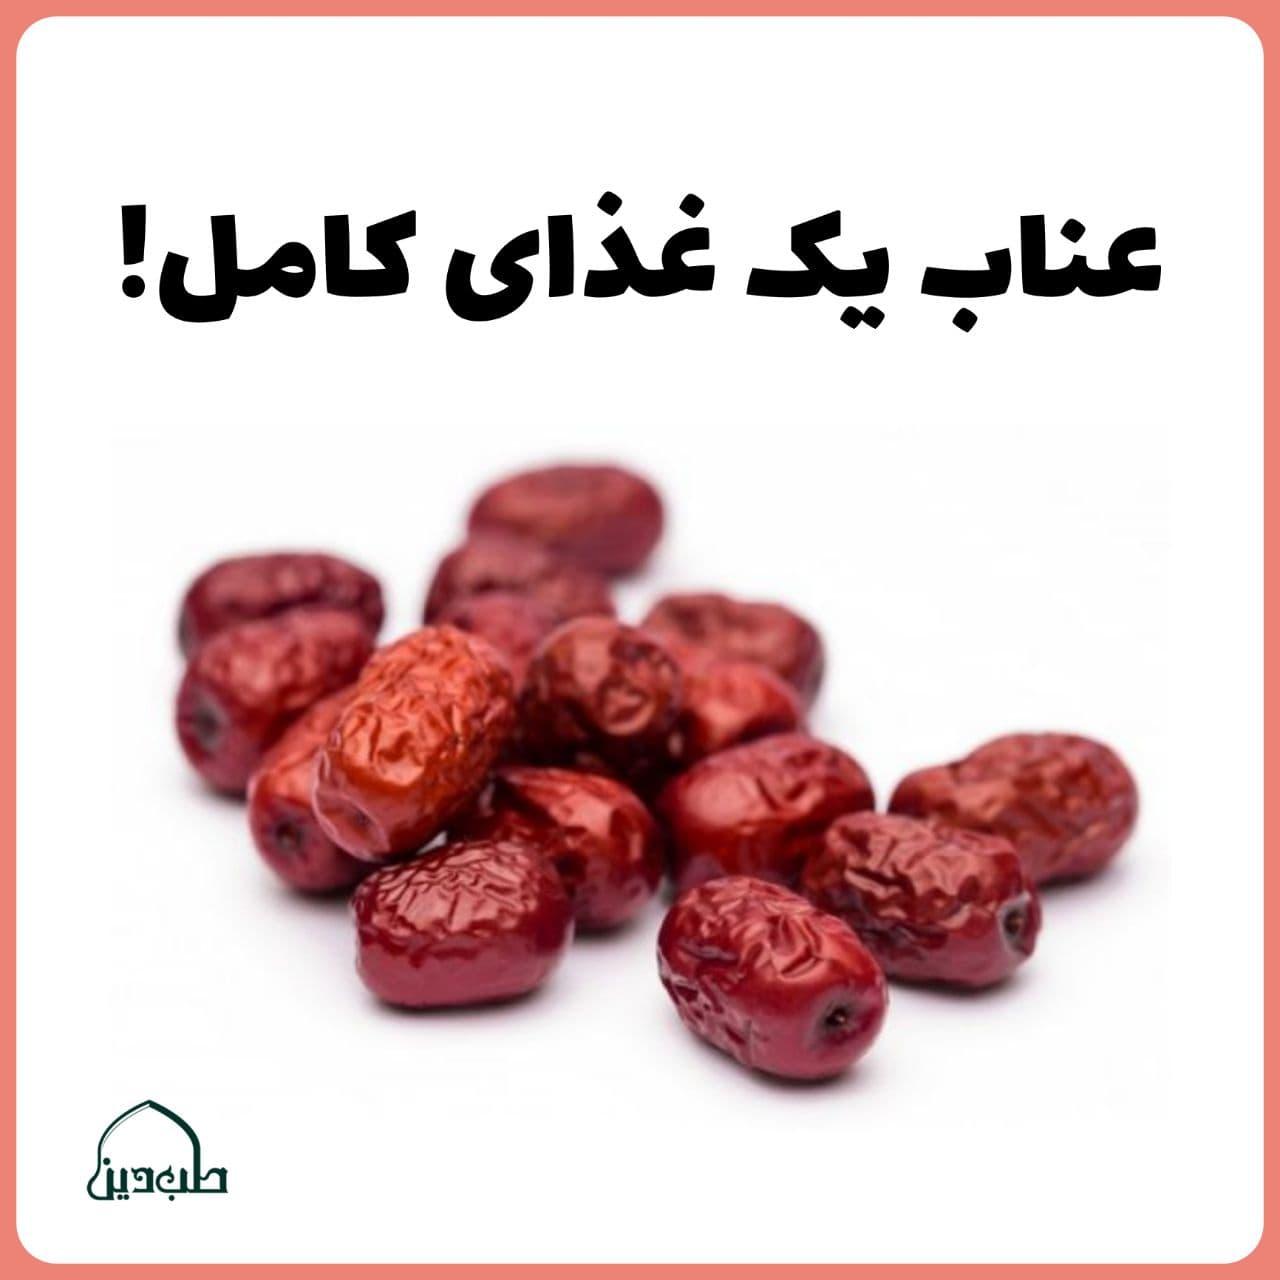 عناب یک غذای کامل نی نی سایت دی جی کالا تبریزیان